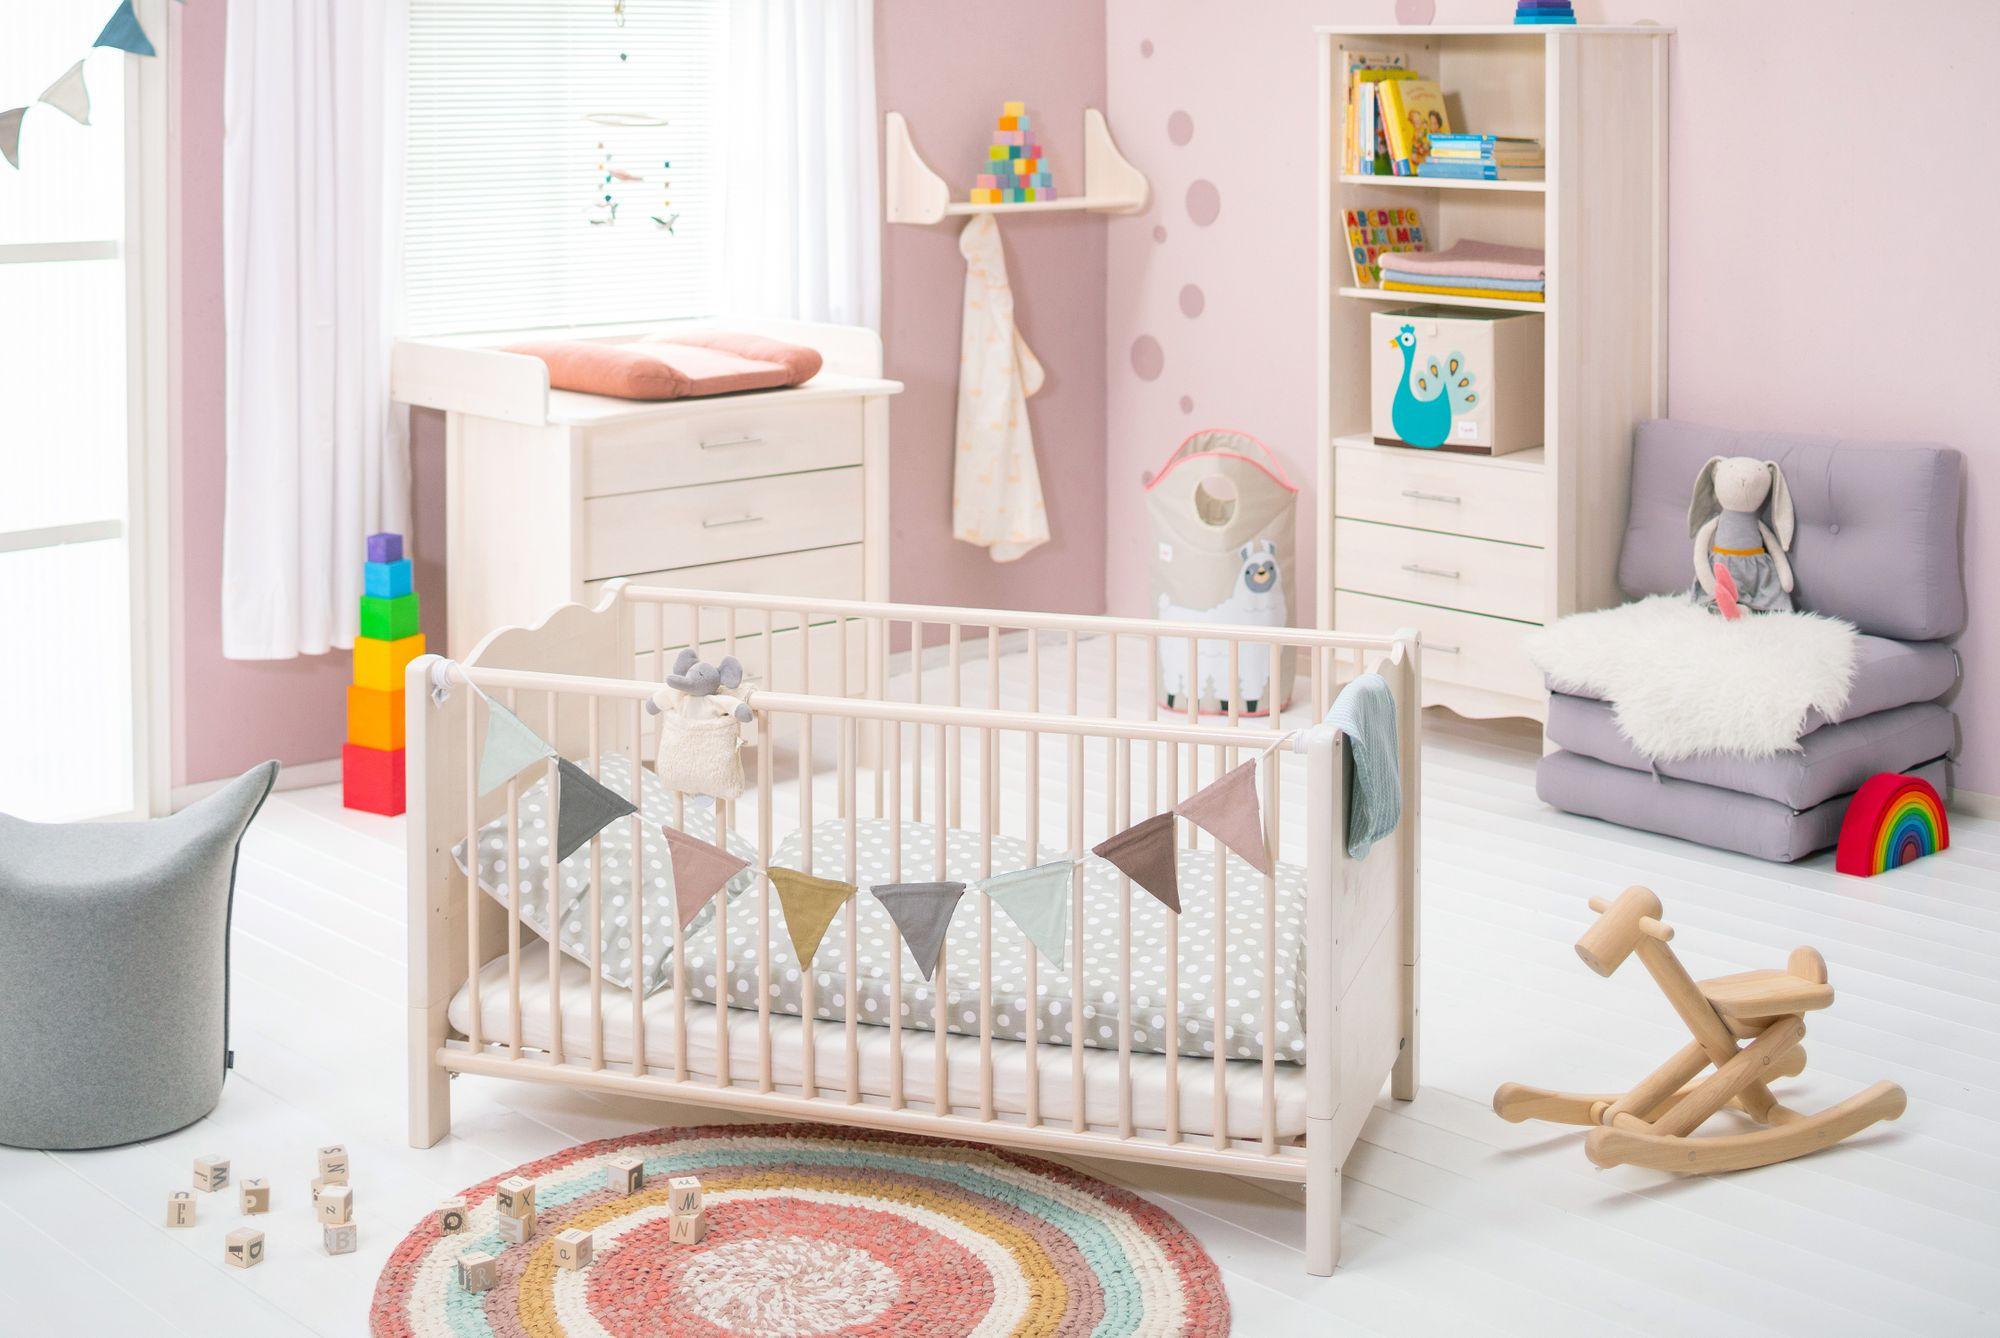 Full Size of Biowschekorb Lama 3 Sprouts Kinderzimmer Regal Weiß Sofa Regale Kinderzimmer Wäschekorb Kinderzimmer